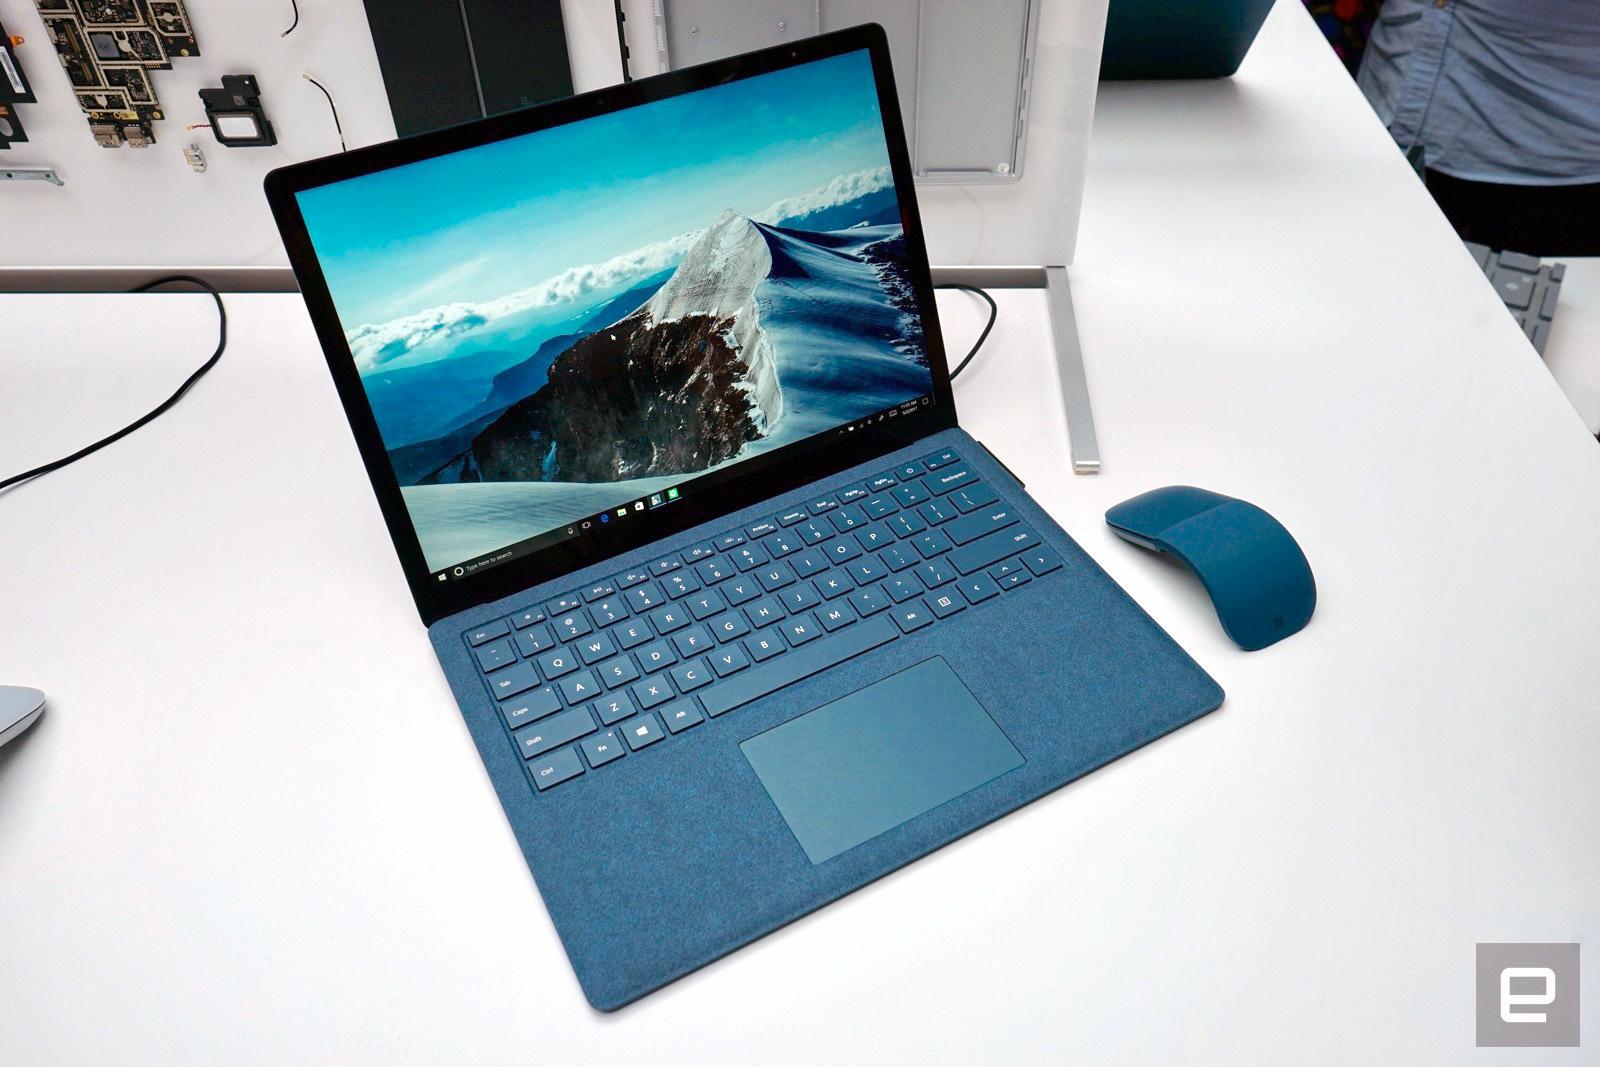 surface pro 6 windows 10 專業 版